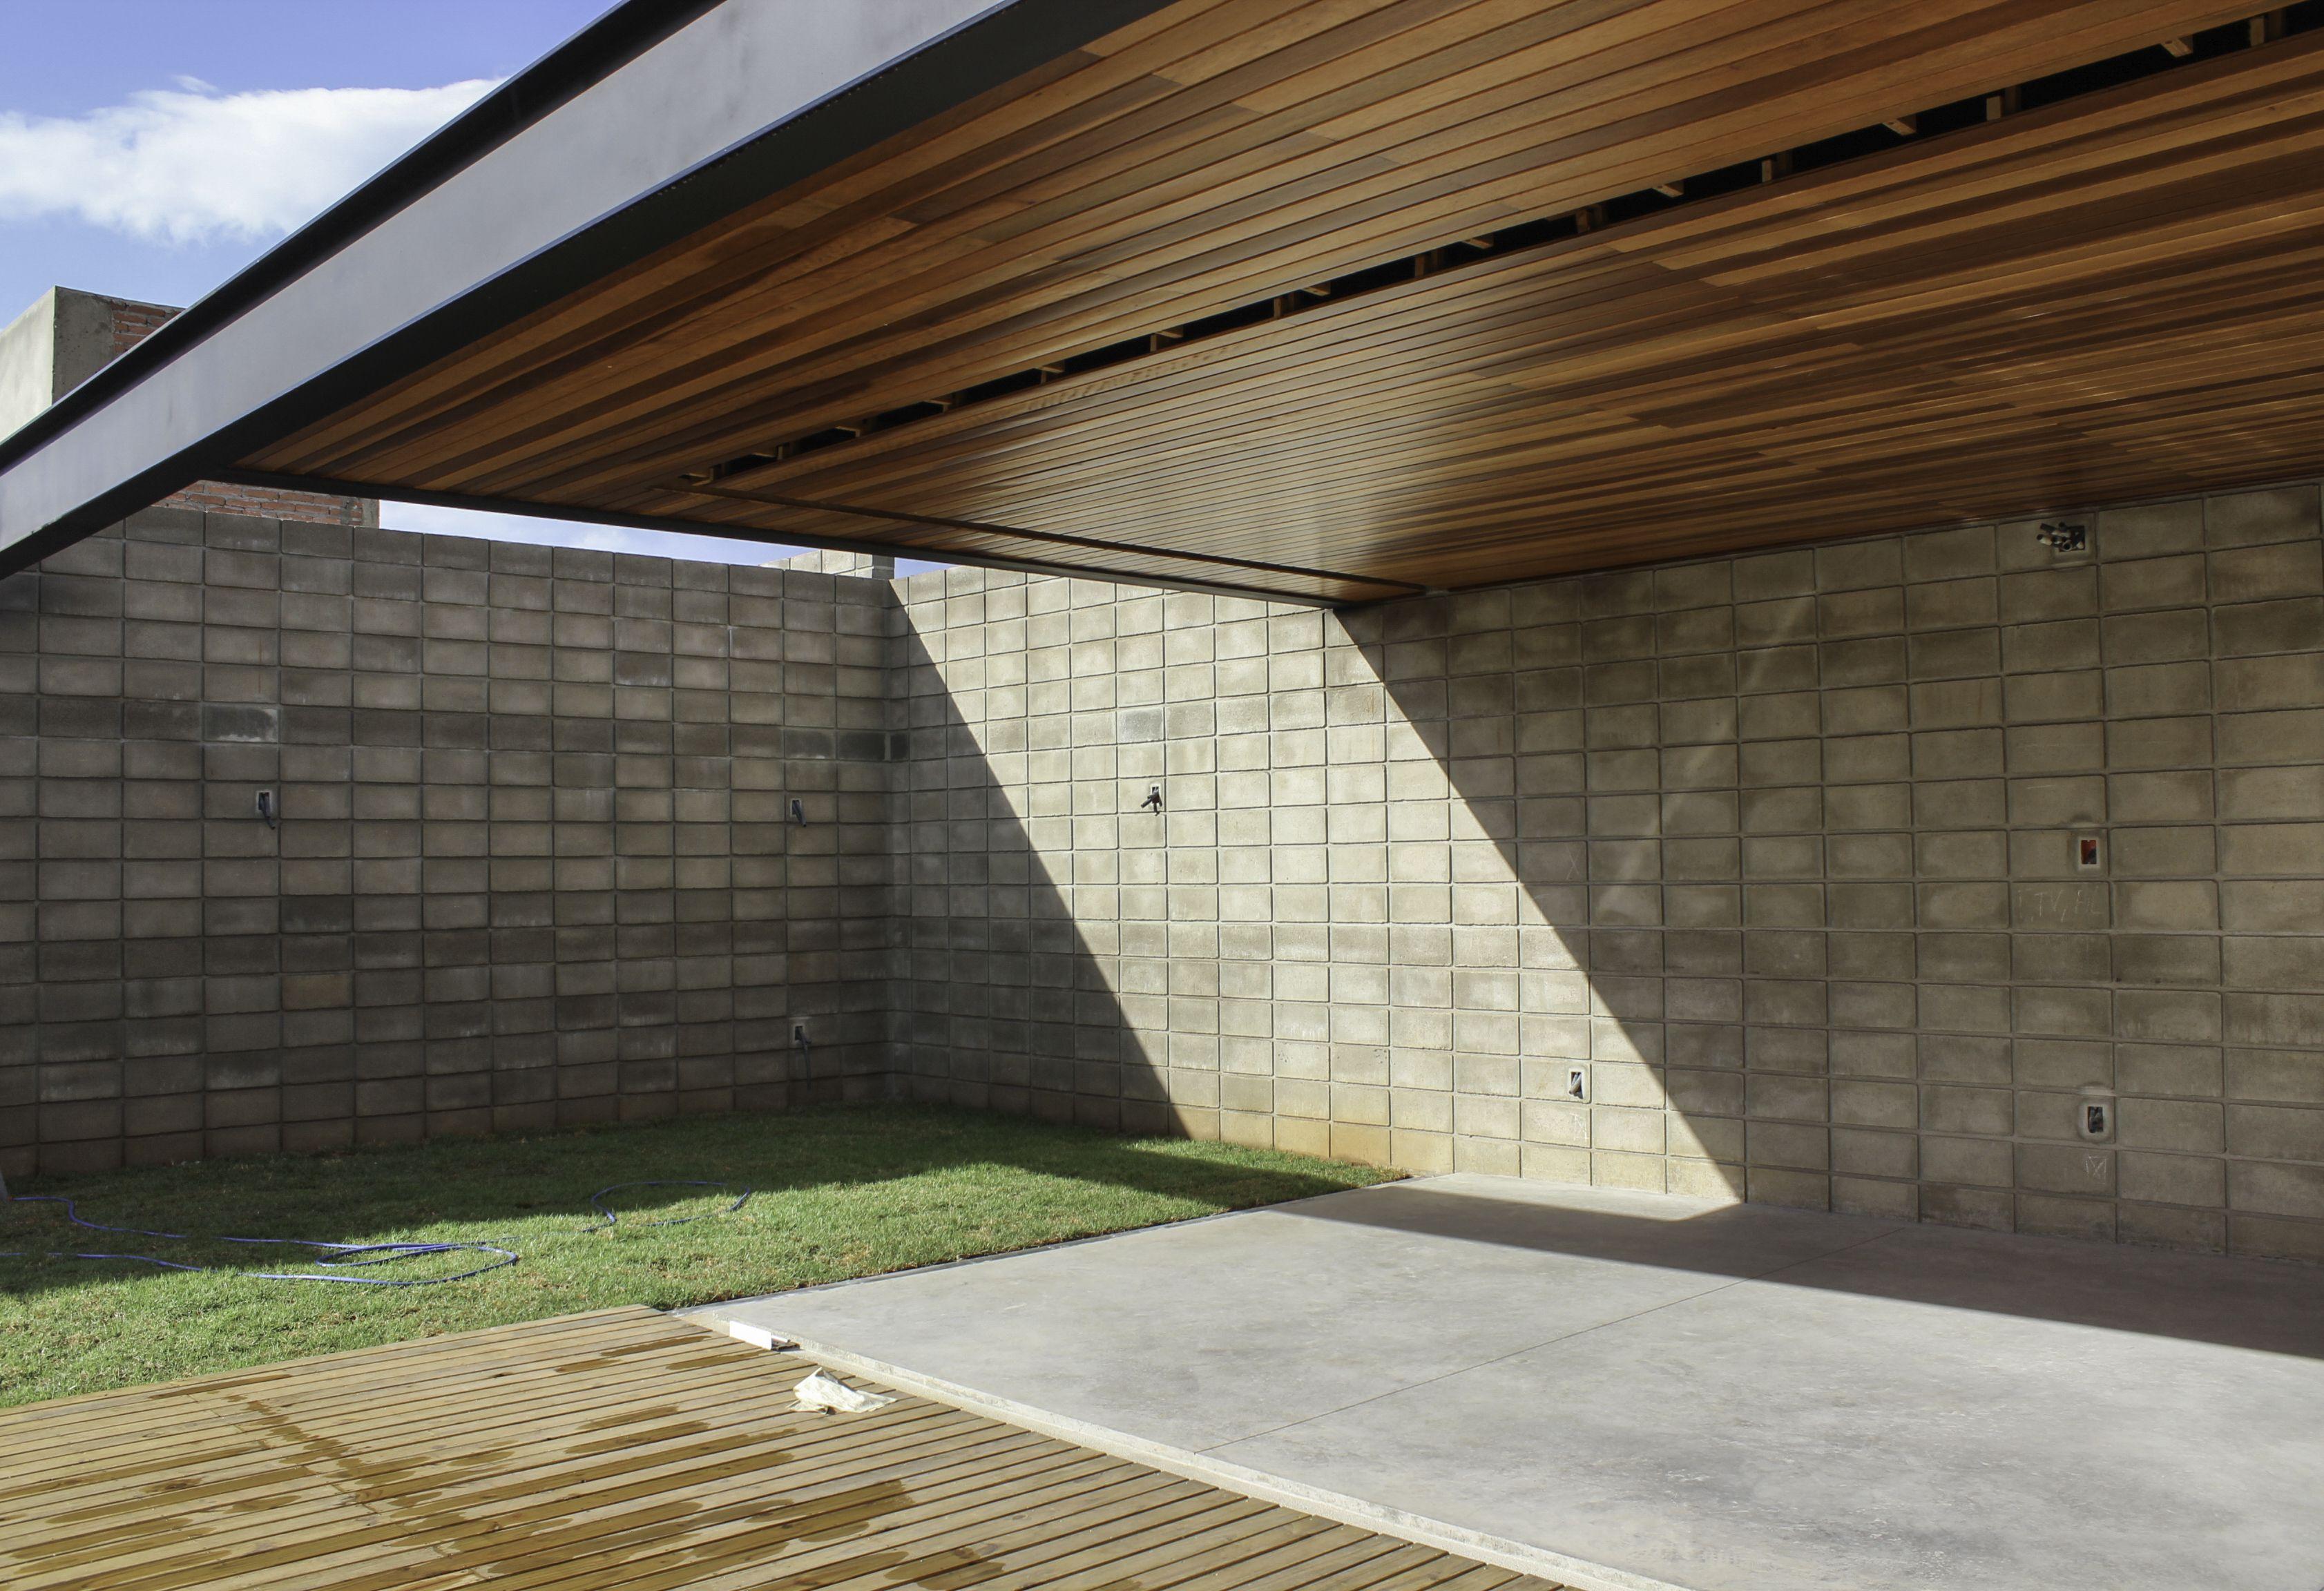 Em Obras Casa Em Estrutura Metalica Bloco Aparente Piso Em